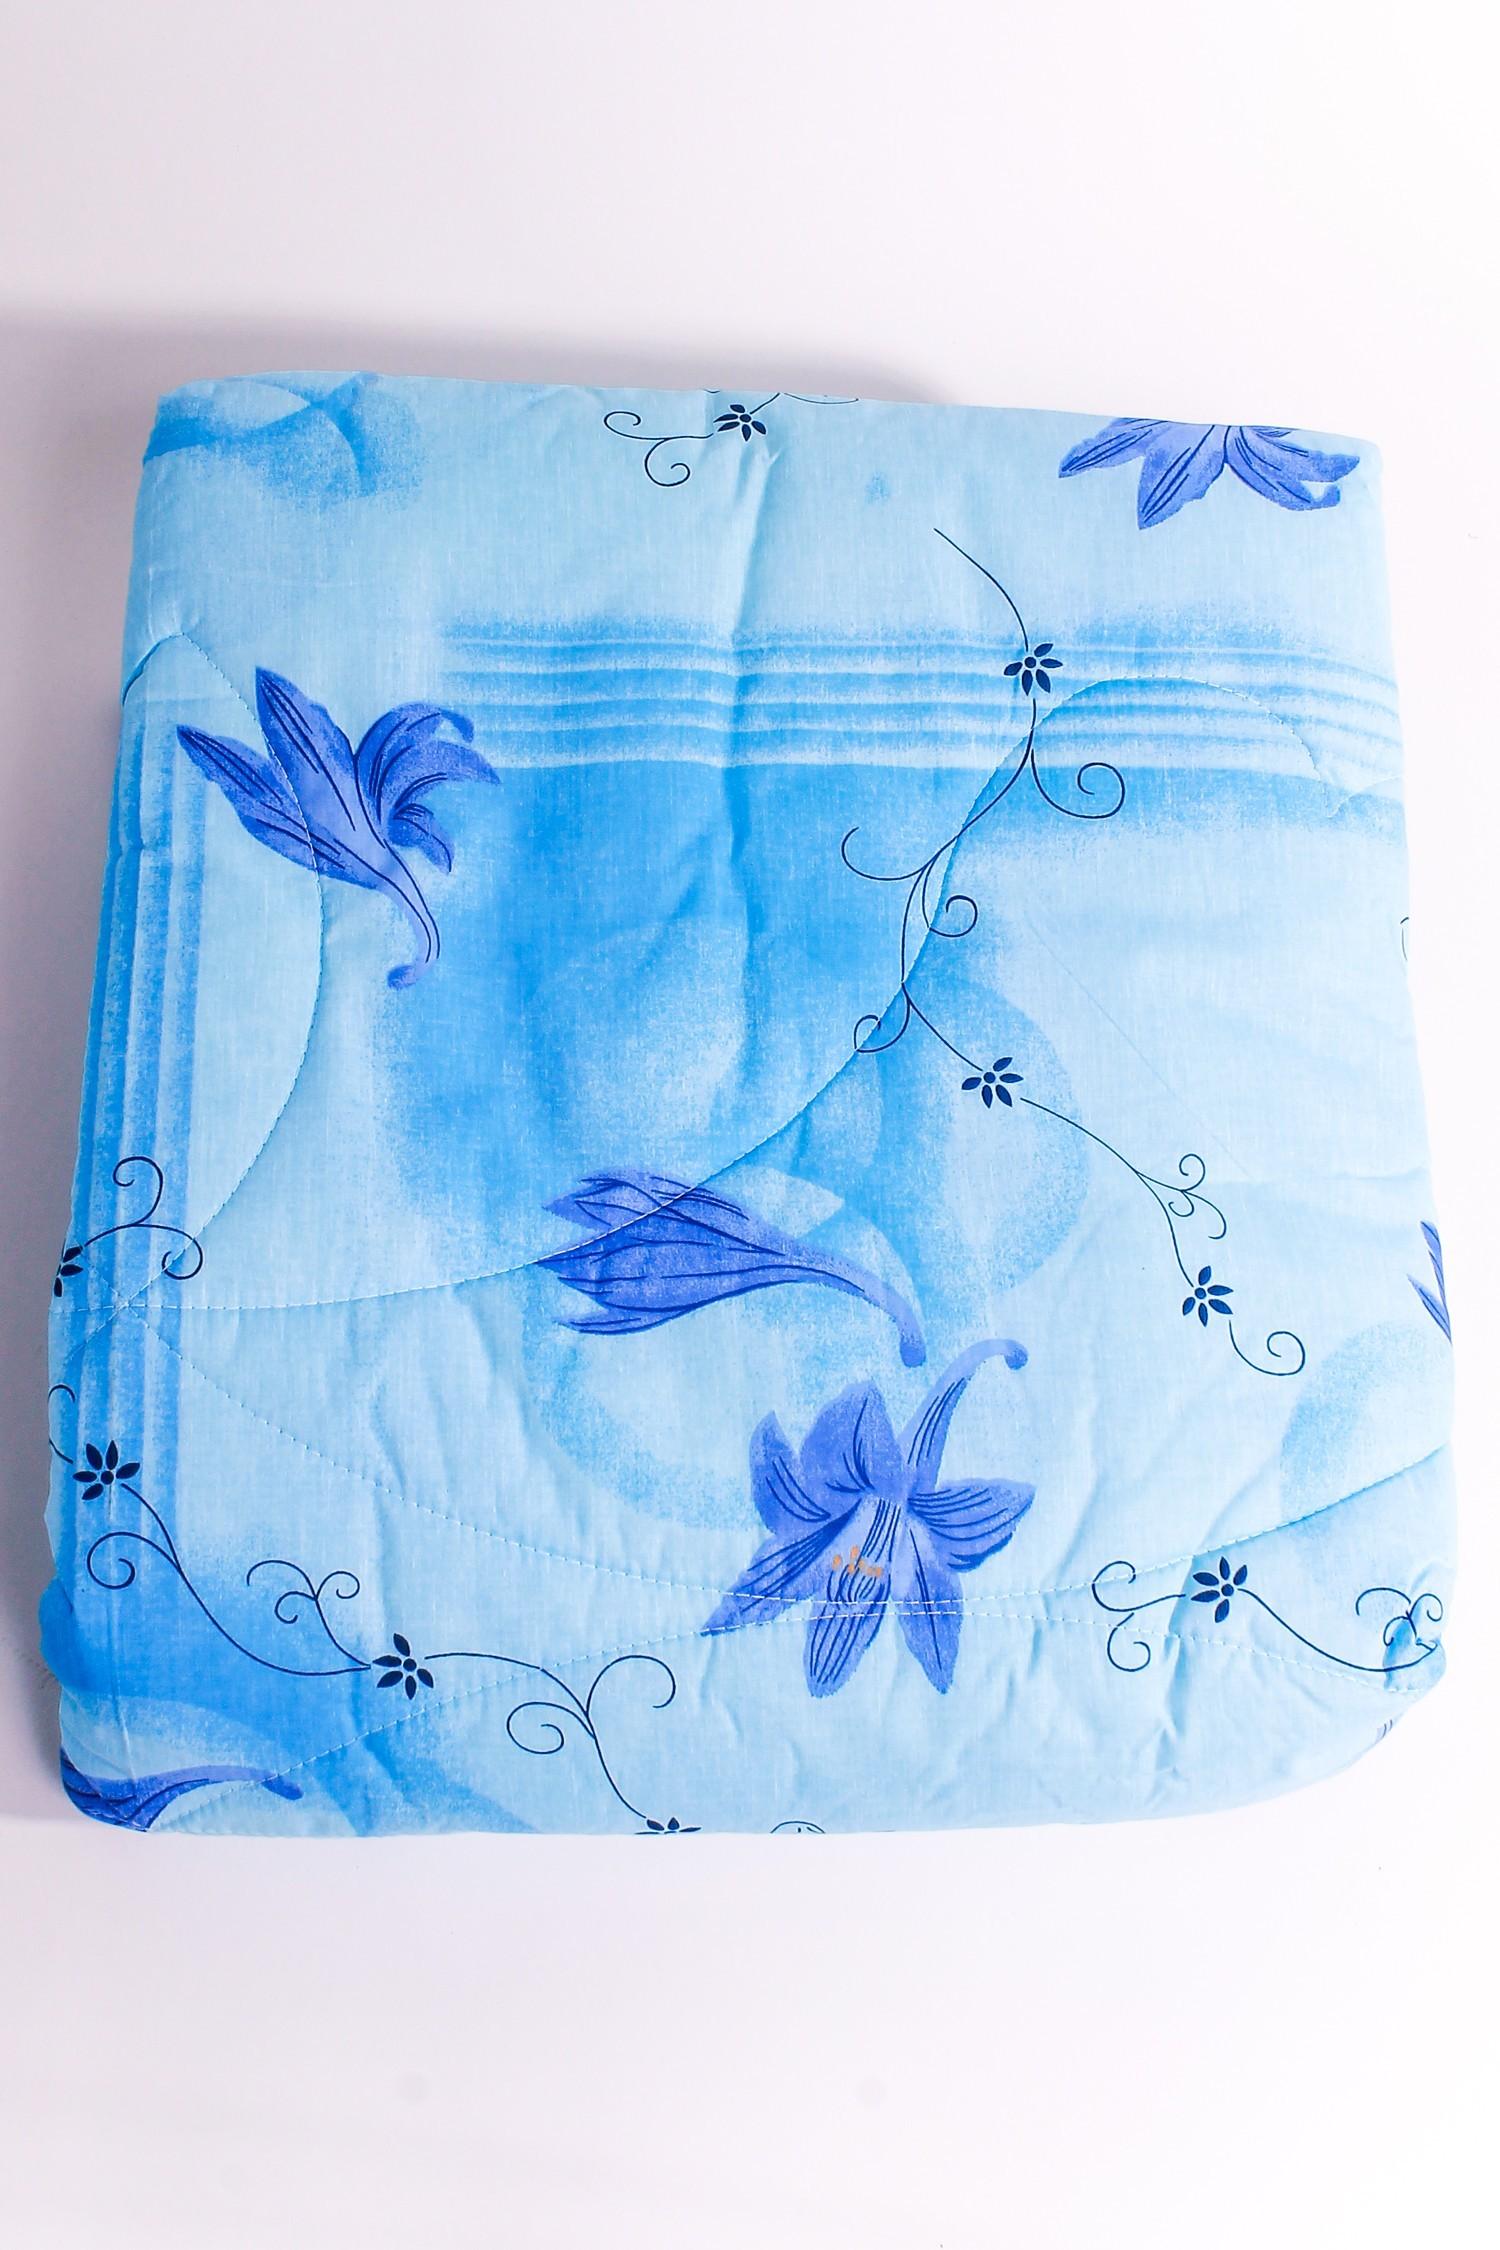 ОдеялоОдеяла и наматрасники<br>Лебяжий пух – это абсолютно новый наполнитель и материал для подушек, одеял и наматрасников, который не проходит химическую обработку и имеет исключительно натуральное происхождение. В данном материале устранены условия для возникновения и размножения вредных насекомых, в том числе, пылевых клещей, а потому лебяжий пух, из которого изготовлены Ваши одеяла, подушки и наматрасники идеально подходят для людей, страдающих от аллергических реакций. В изделиях этого направления задействовано высокосиликонизированное, сверхтонкое волокно новейшего поколения. Подушка и одеяло, основой которых является лебяжий пух, отличается необыкновенной мягкостью и легкостью, что ставит их в один ряд с соперничающими между собой изделиями из натурального птичьего пуха. При этом они служат не один десяток лет, поражая неизменностью внешнего вида и постоянным держанием идеальной формы.  Размеры:  Одеяло полутораспальное - 140х205 см. Одеяло двуспальное - 172х205 см. Одеяло Евро - 200х220 см.  Допускается расхождение в размере ± 2 см<br><br>По материалу: Синтетические ткани,Пух<br>По размеру: Двуспальные,Полутороспальные<br>По рисунку: Растительные мотивы,Цветные,Цветочные<br>Размер : 1,5,2,0<br>Материал: Поликоттон<br>Количество в наличии: 3